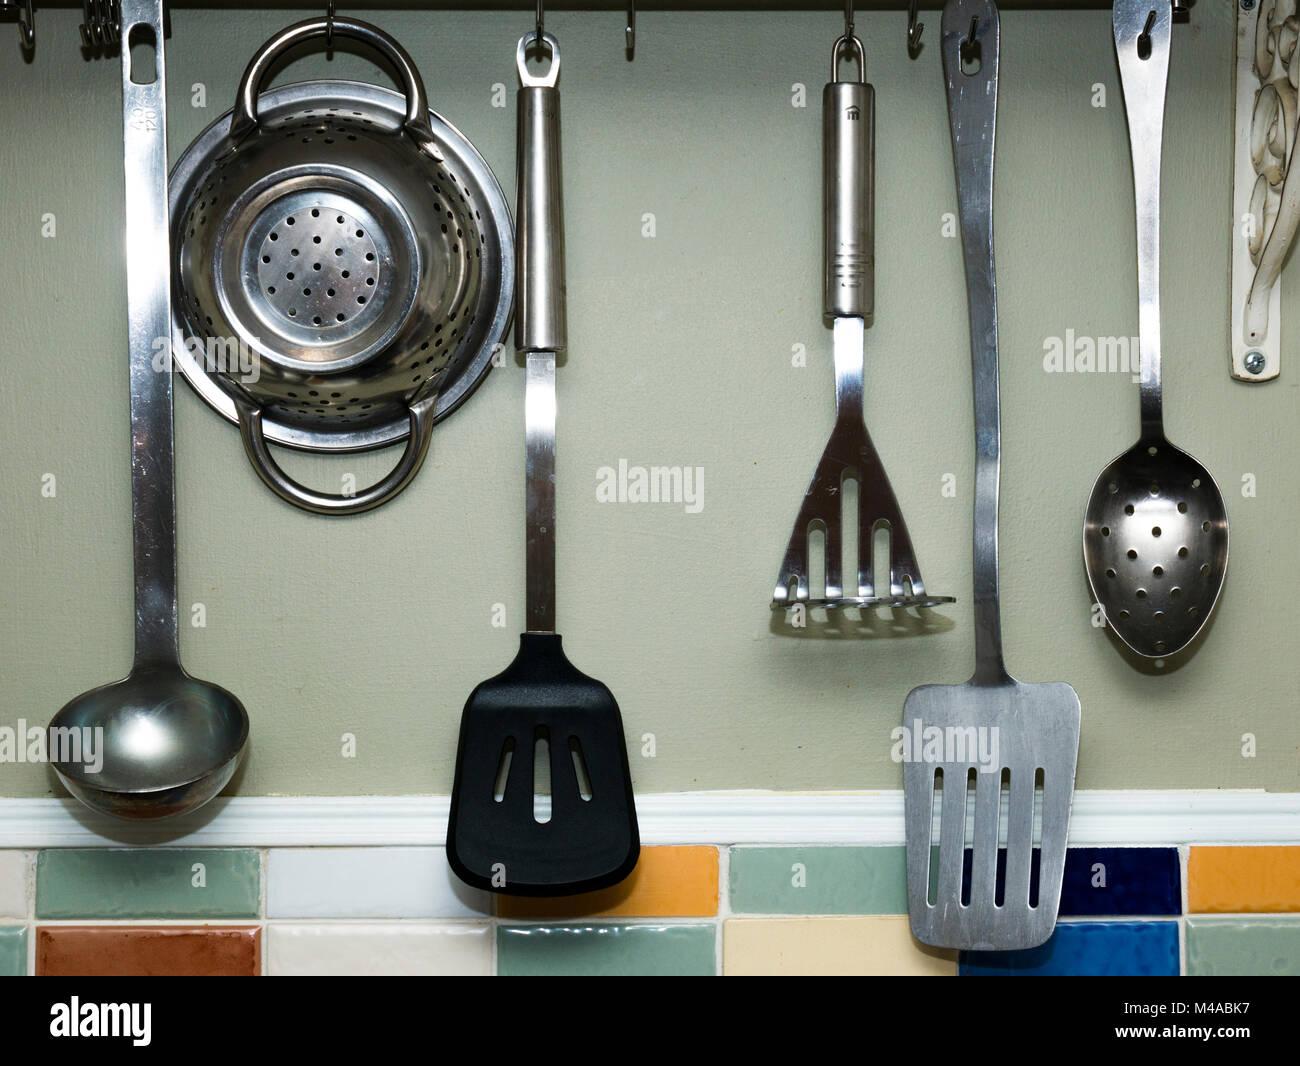 Küchengeräte aufgehängt in einem Landhaus Küche Stockfoto